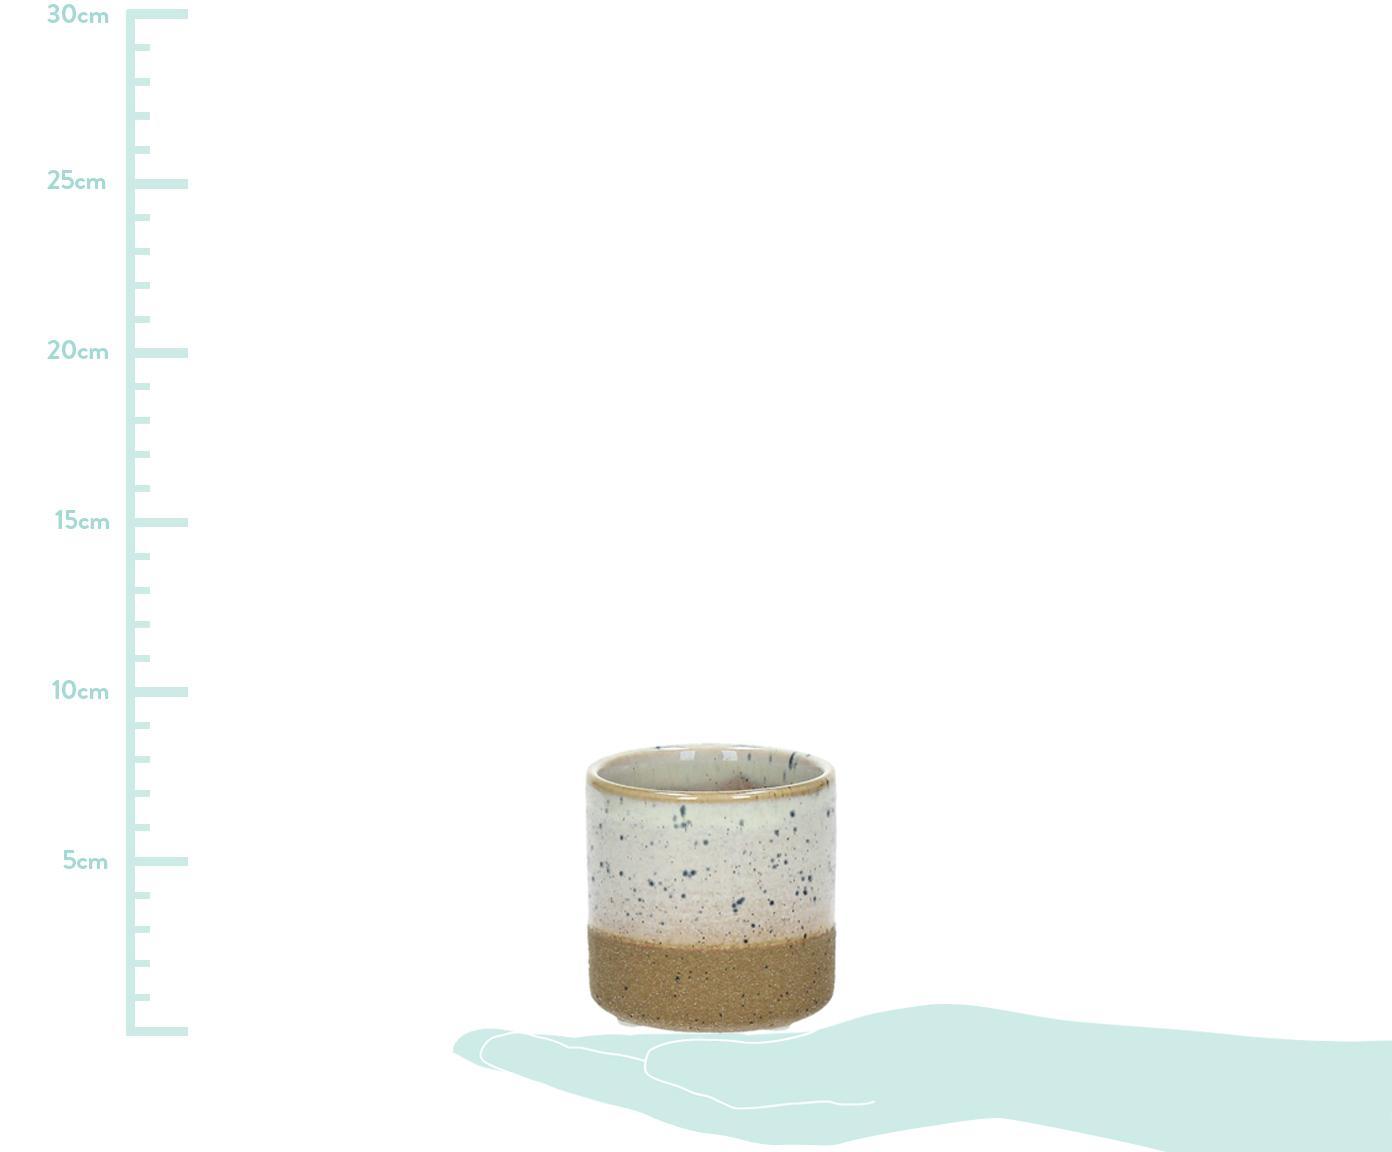 Kleiner Übertopf Suna aus Sandstein, Sandstein, Braun, Weiß, Grau, Ø 11 x H 10 cm